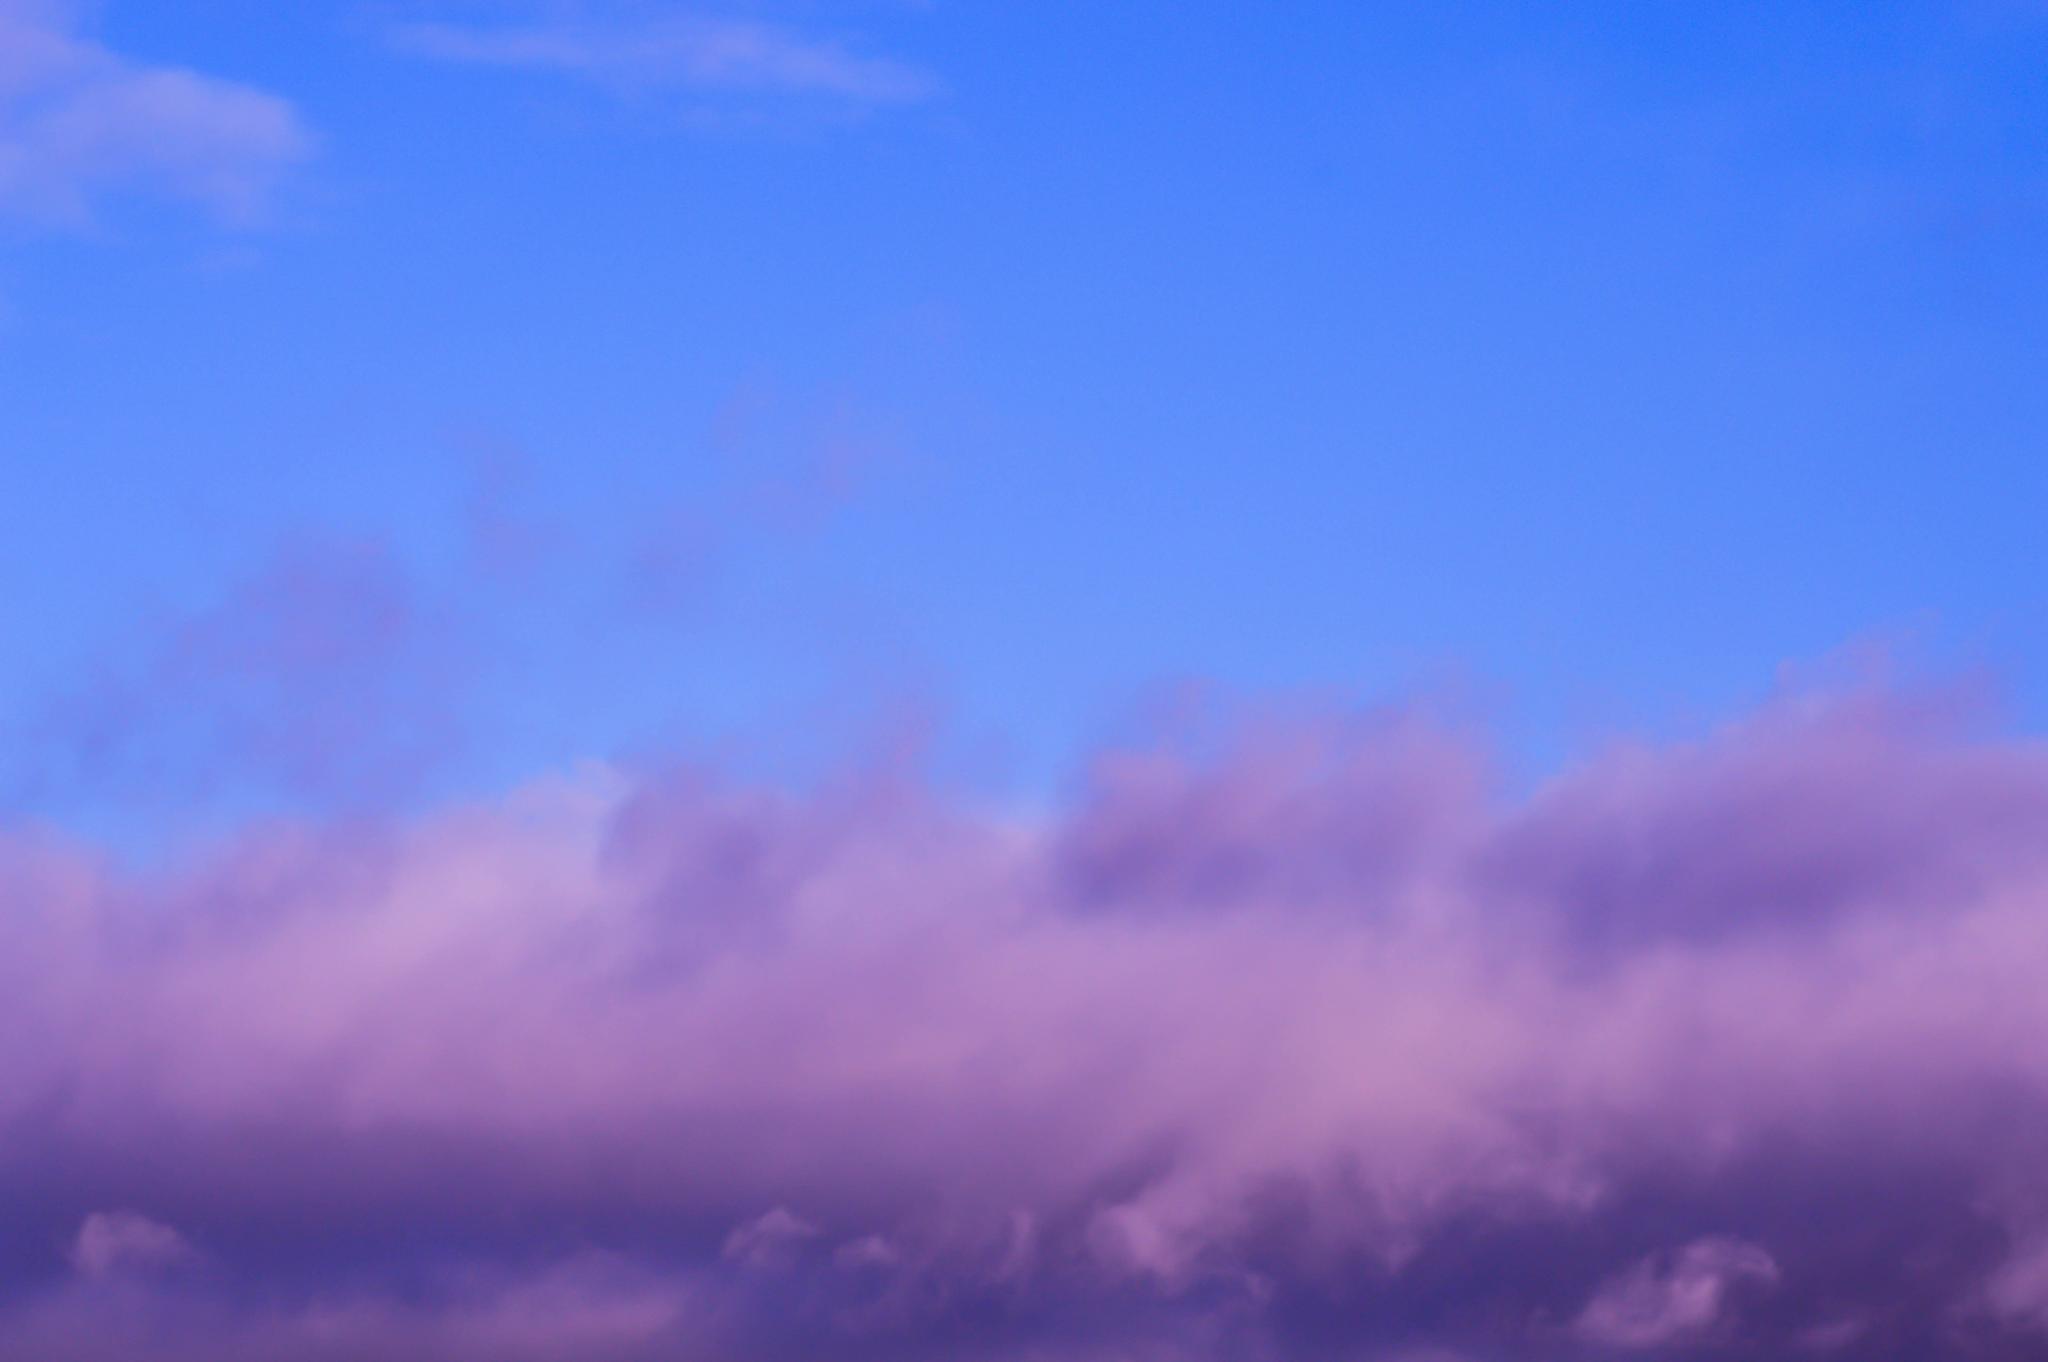 Clouds by Keygen89